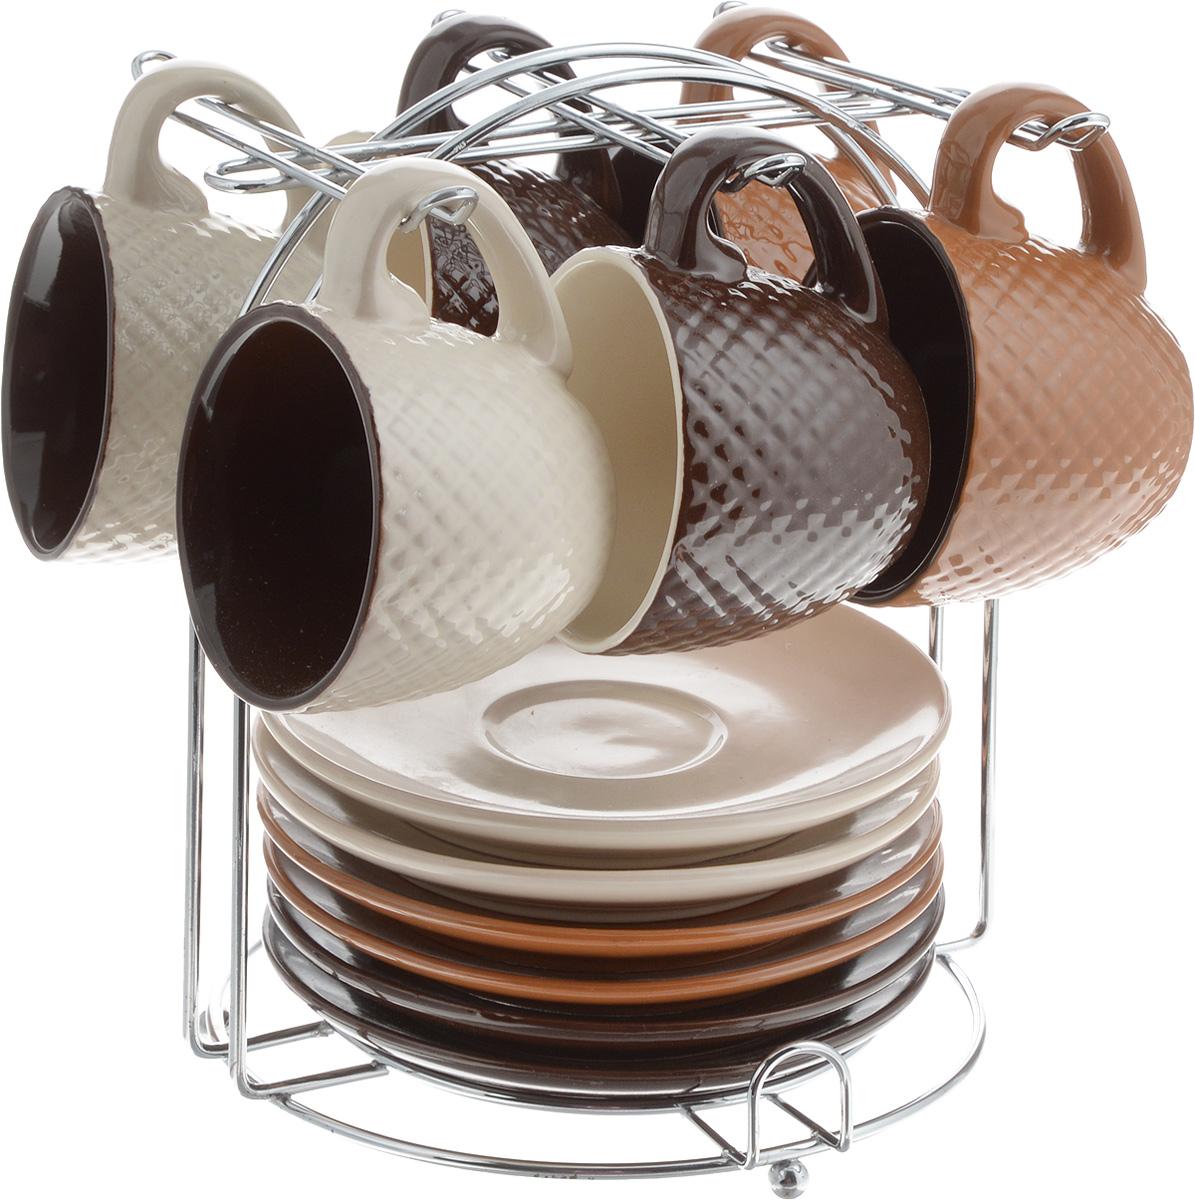 Набор кофейный Loraine, на подставке, 90 мл, 13 предметов. 24667VT-1520(SR)Кофейный набор Loraine состоит из 6 чашек и 6 блюдец, выполненных из высококачественного керамики. Изящный дизайн придется по вкусу и ценителям классики, и тем, кто предпочитает утонченность и изысканность. Он настроит на позитивный лад и подарит хорошее настроение с самого утра. Изделия расположены на металлической подставке. Диаметр блюдца: 11,5 см.Высота блюдца: 1,5 см.Диаметр чашки (по верхнему краю): 6,5 см.Высота чашки: 5 см.Объем чашки: 90 мл.Размер подставки: 15 х 15 х 17 см.